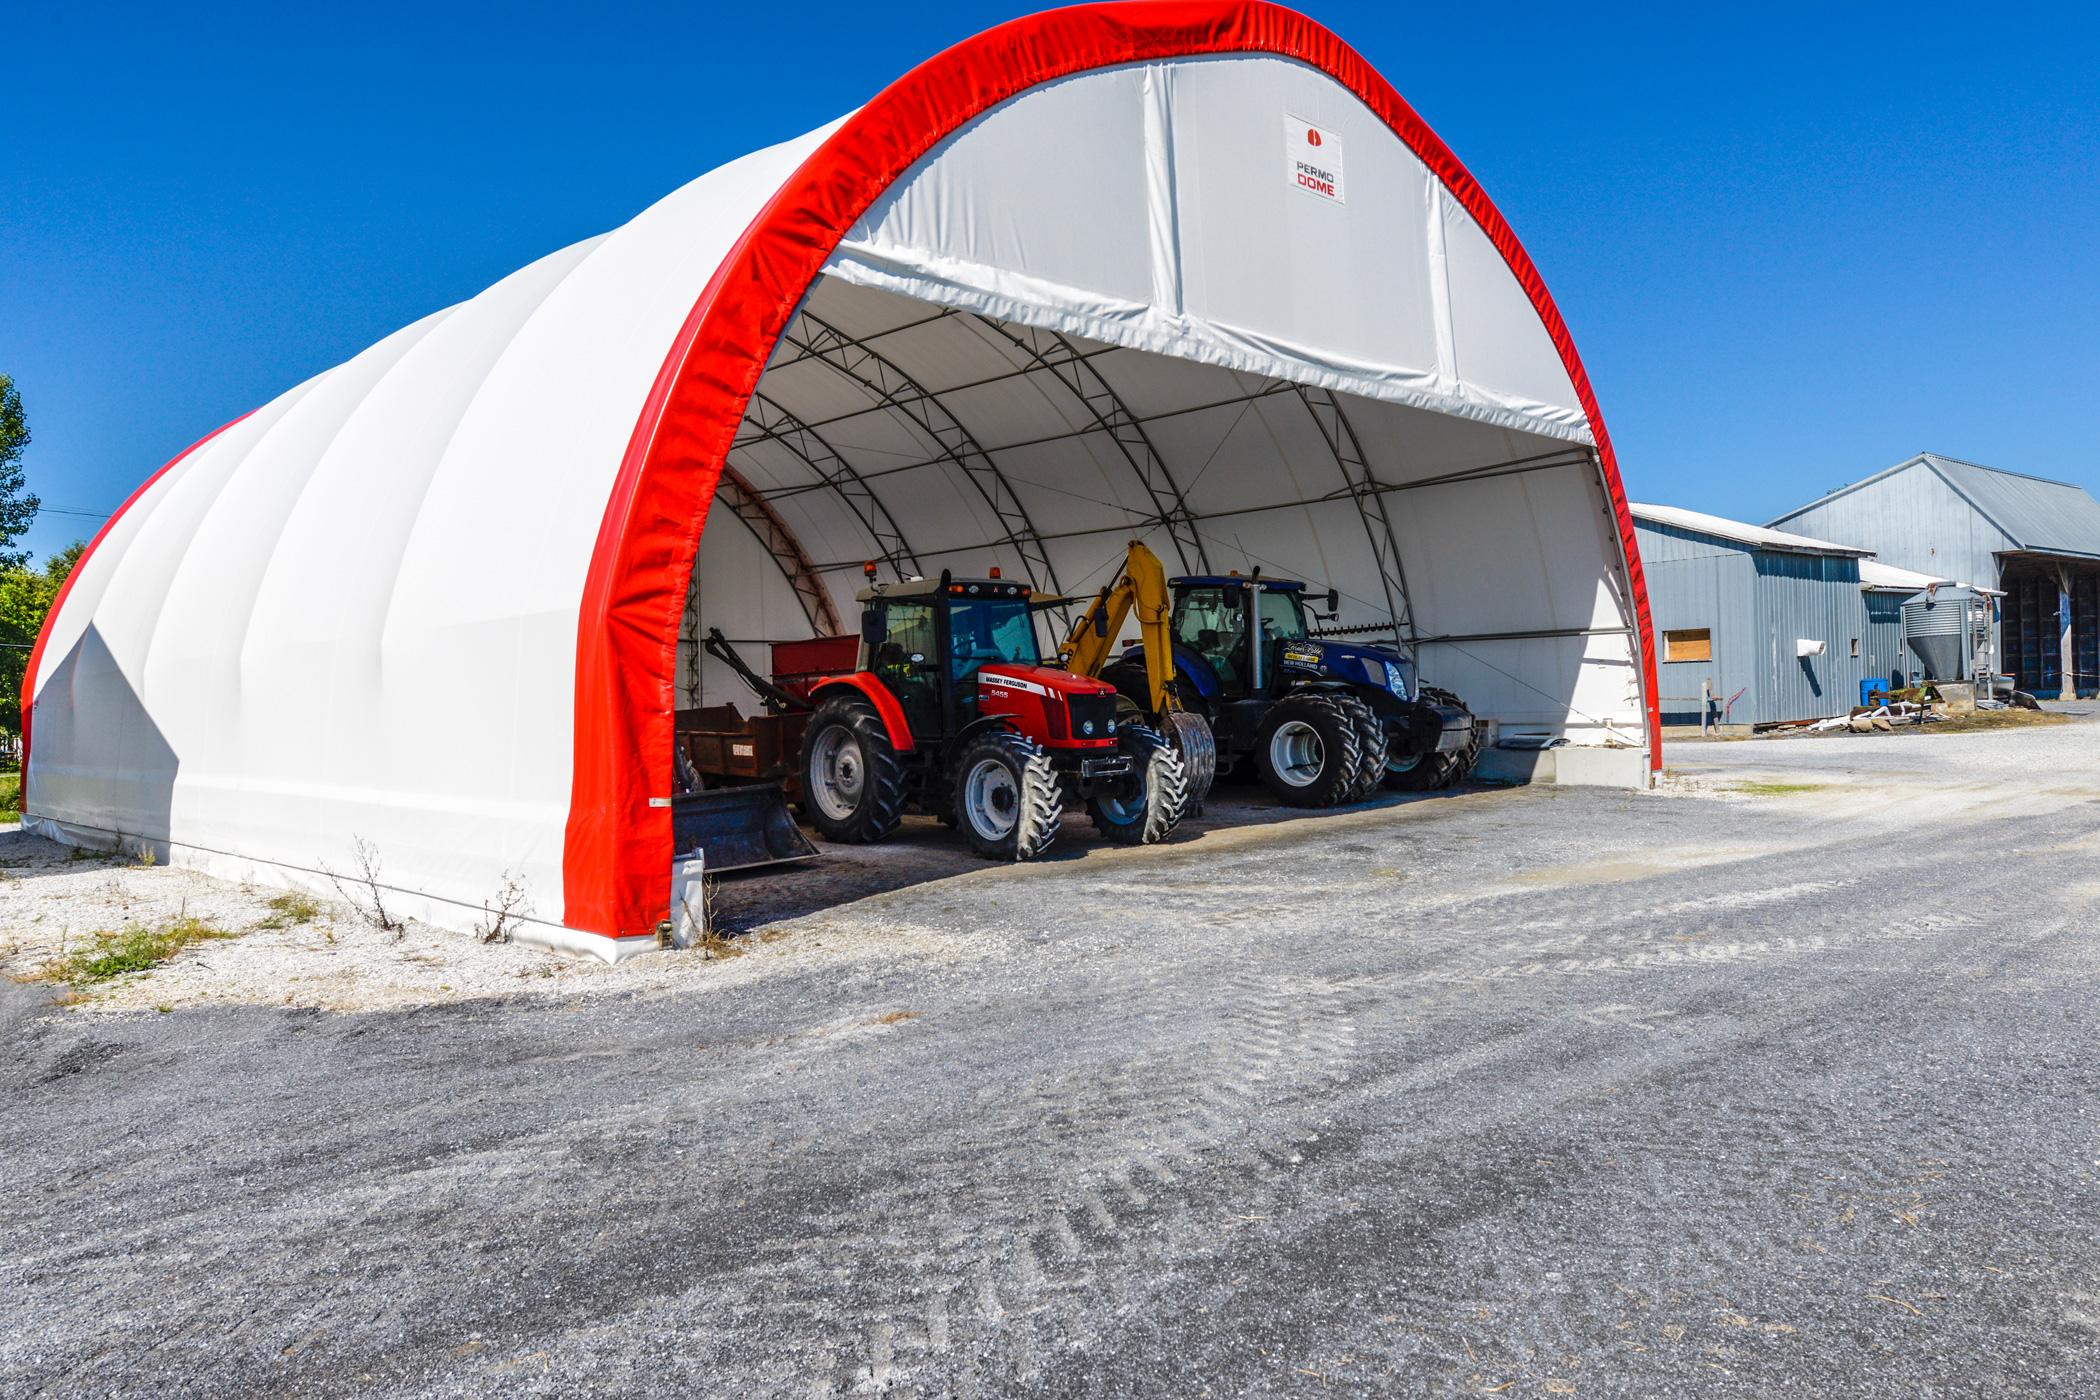 Permodome rouge avec deux tracteurs dedans